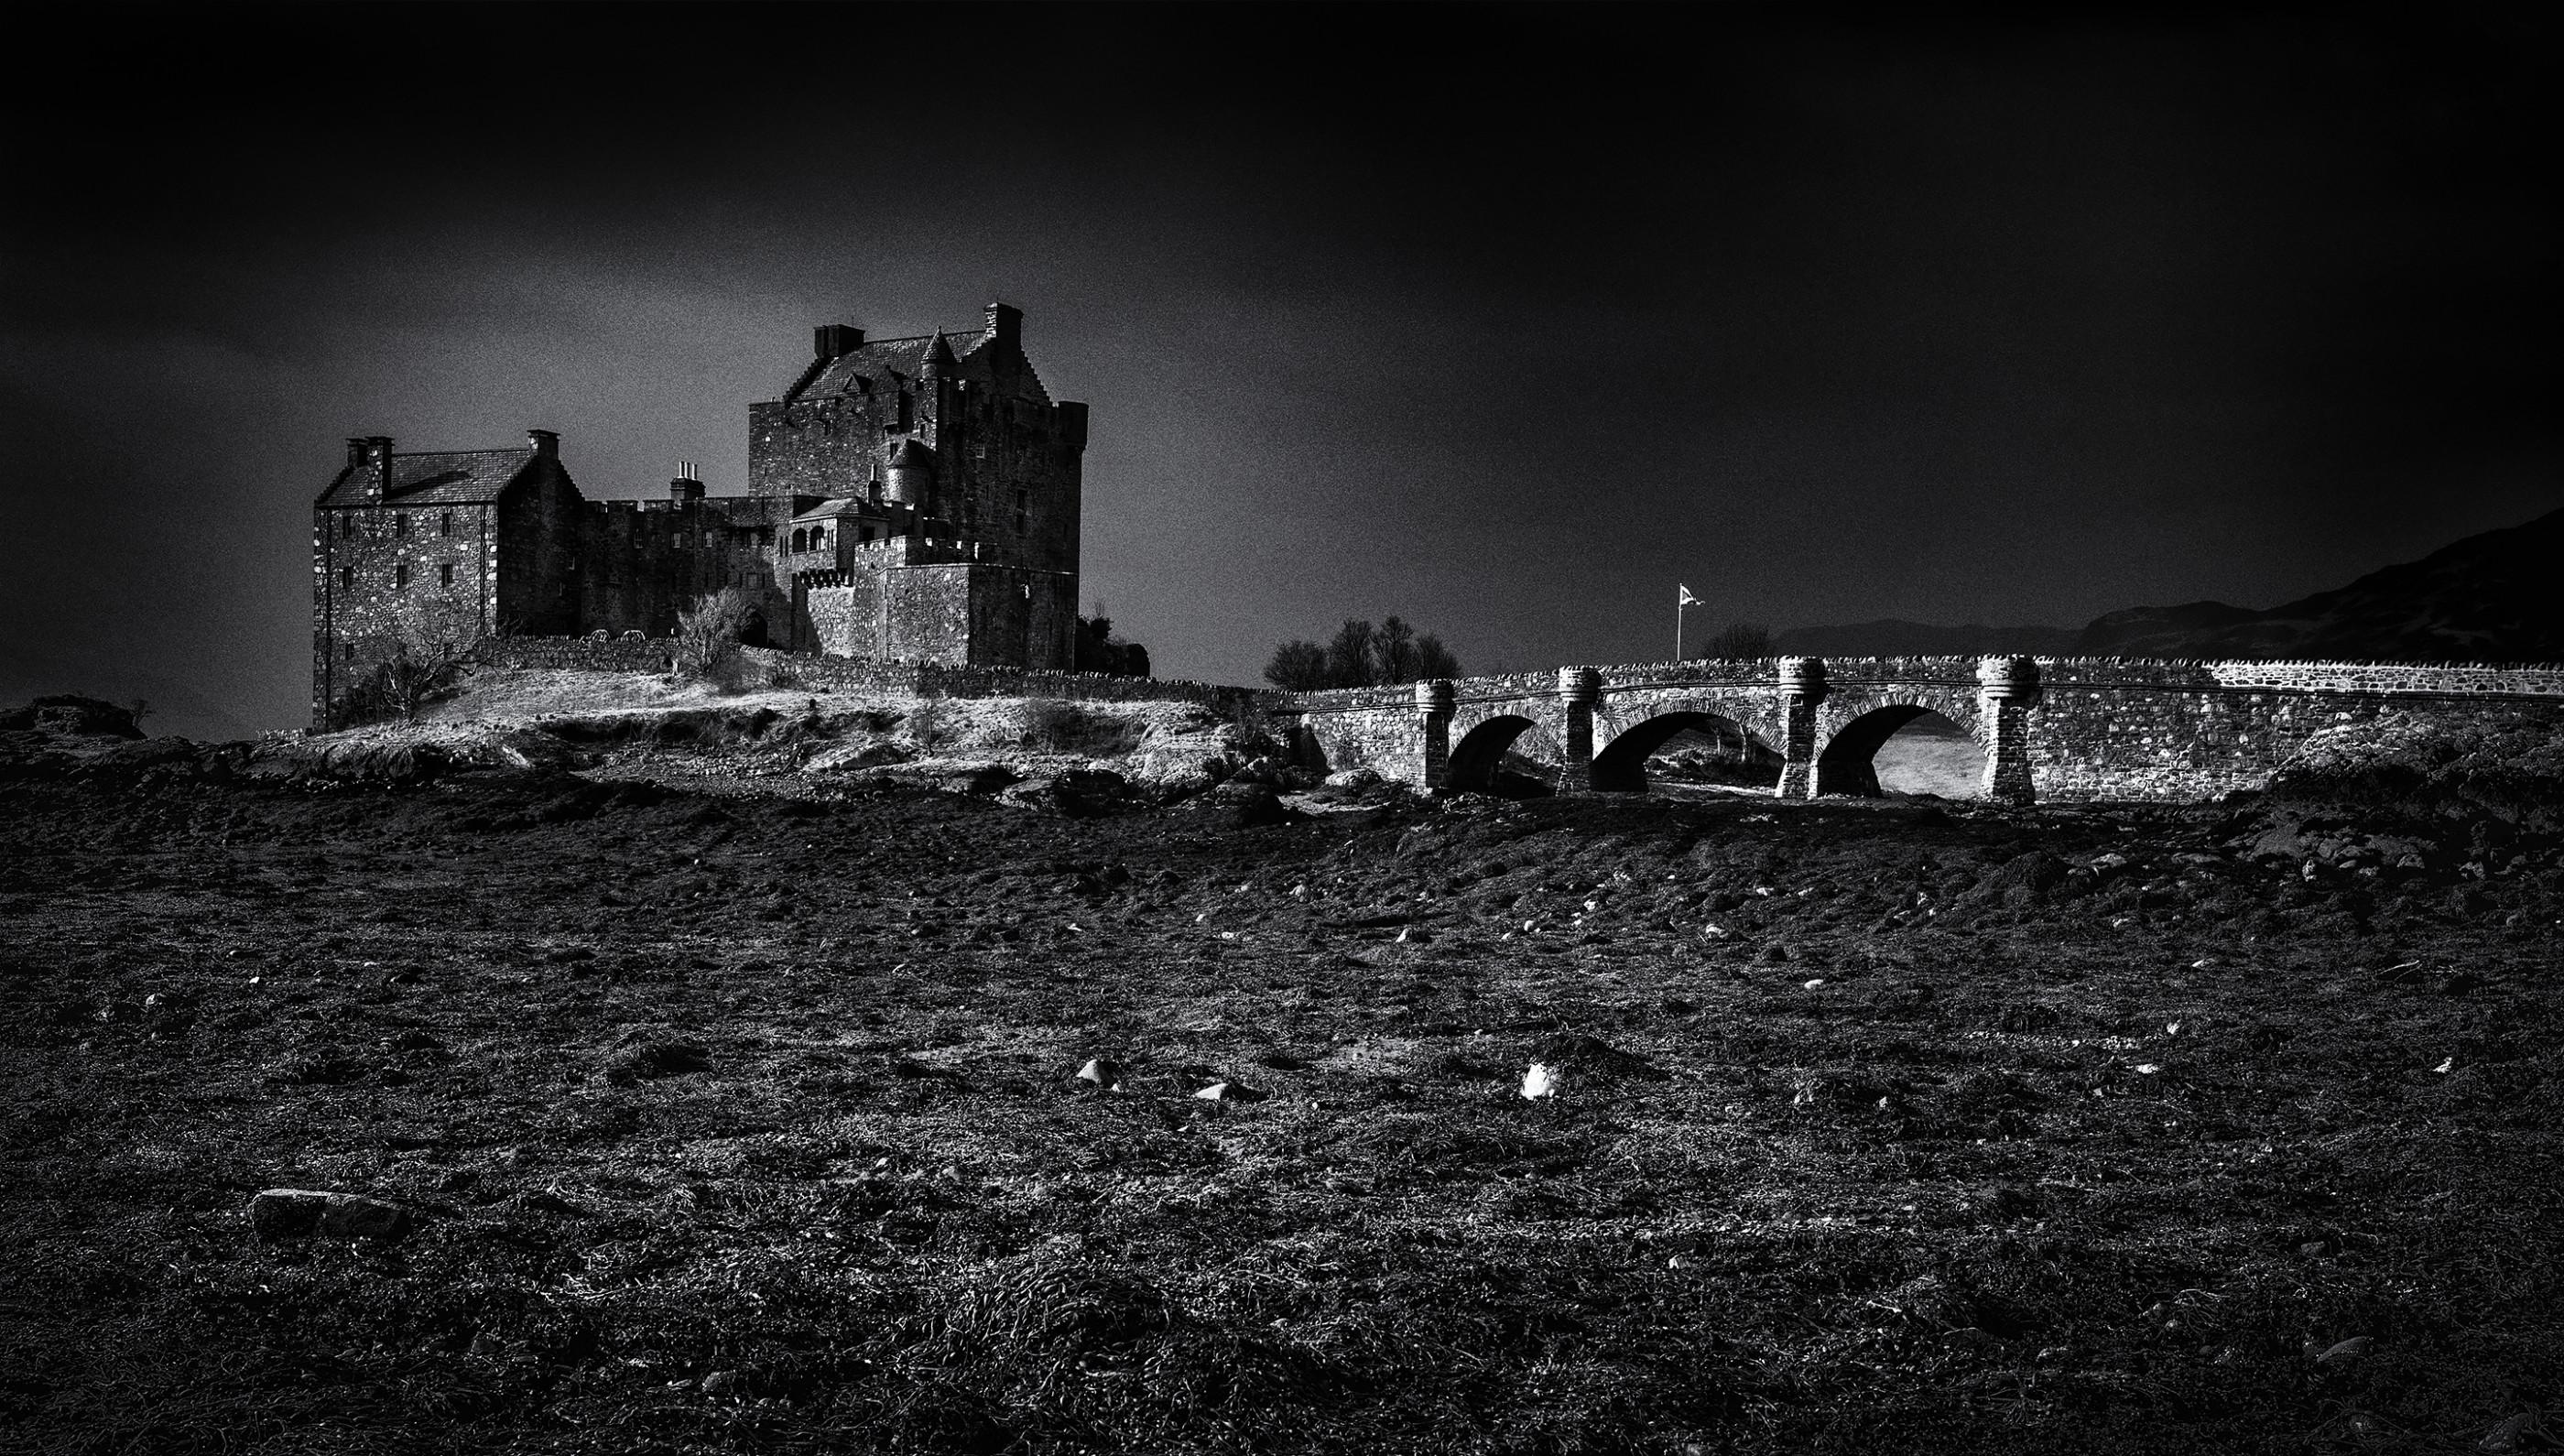 eilean-donan-castle-scotland-ash-newell